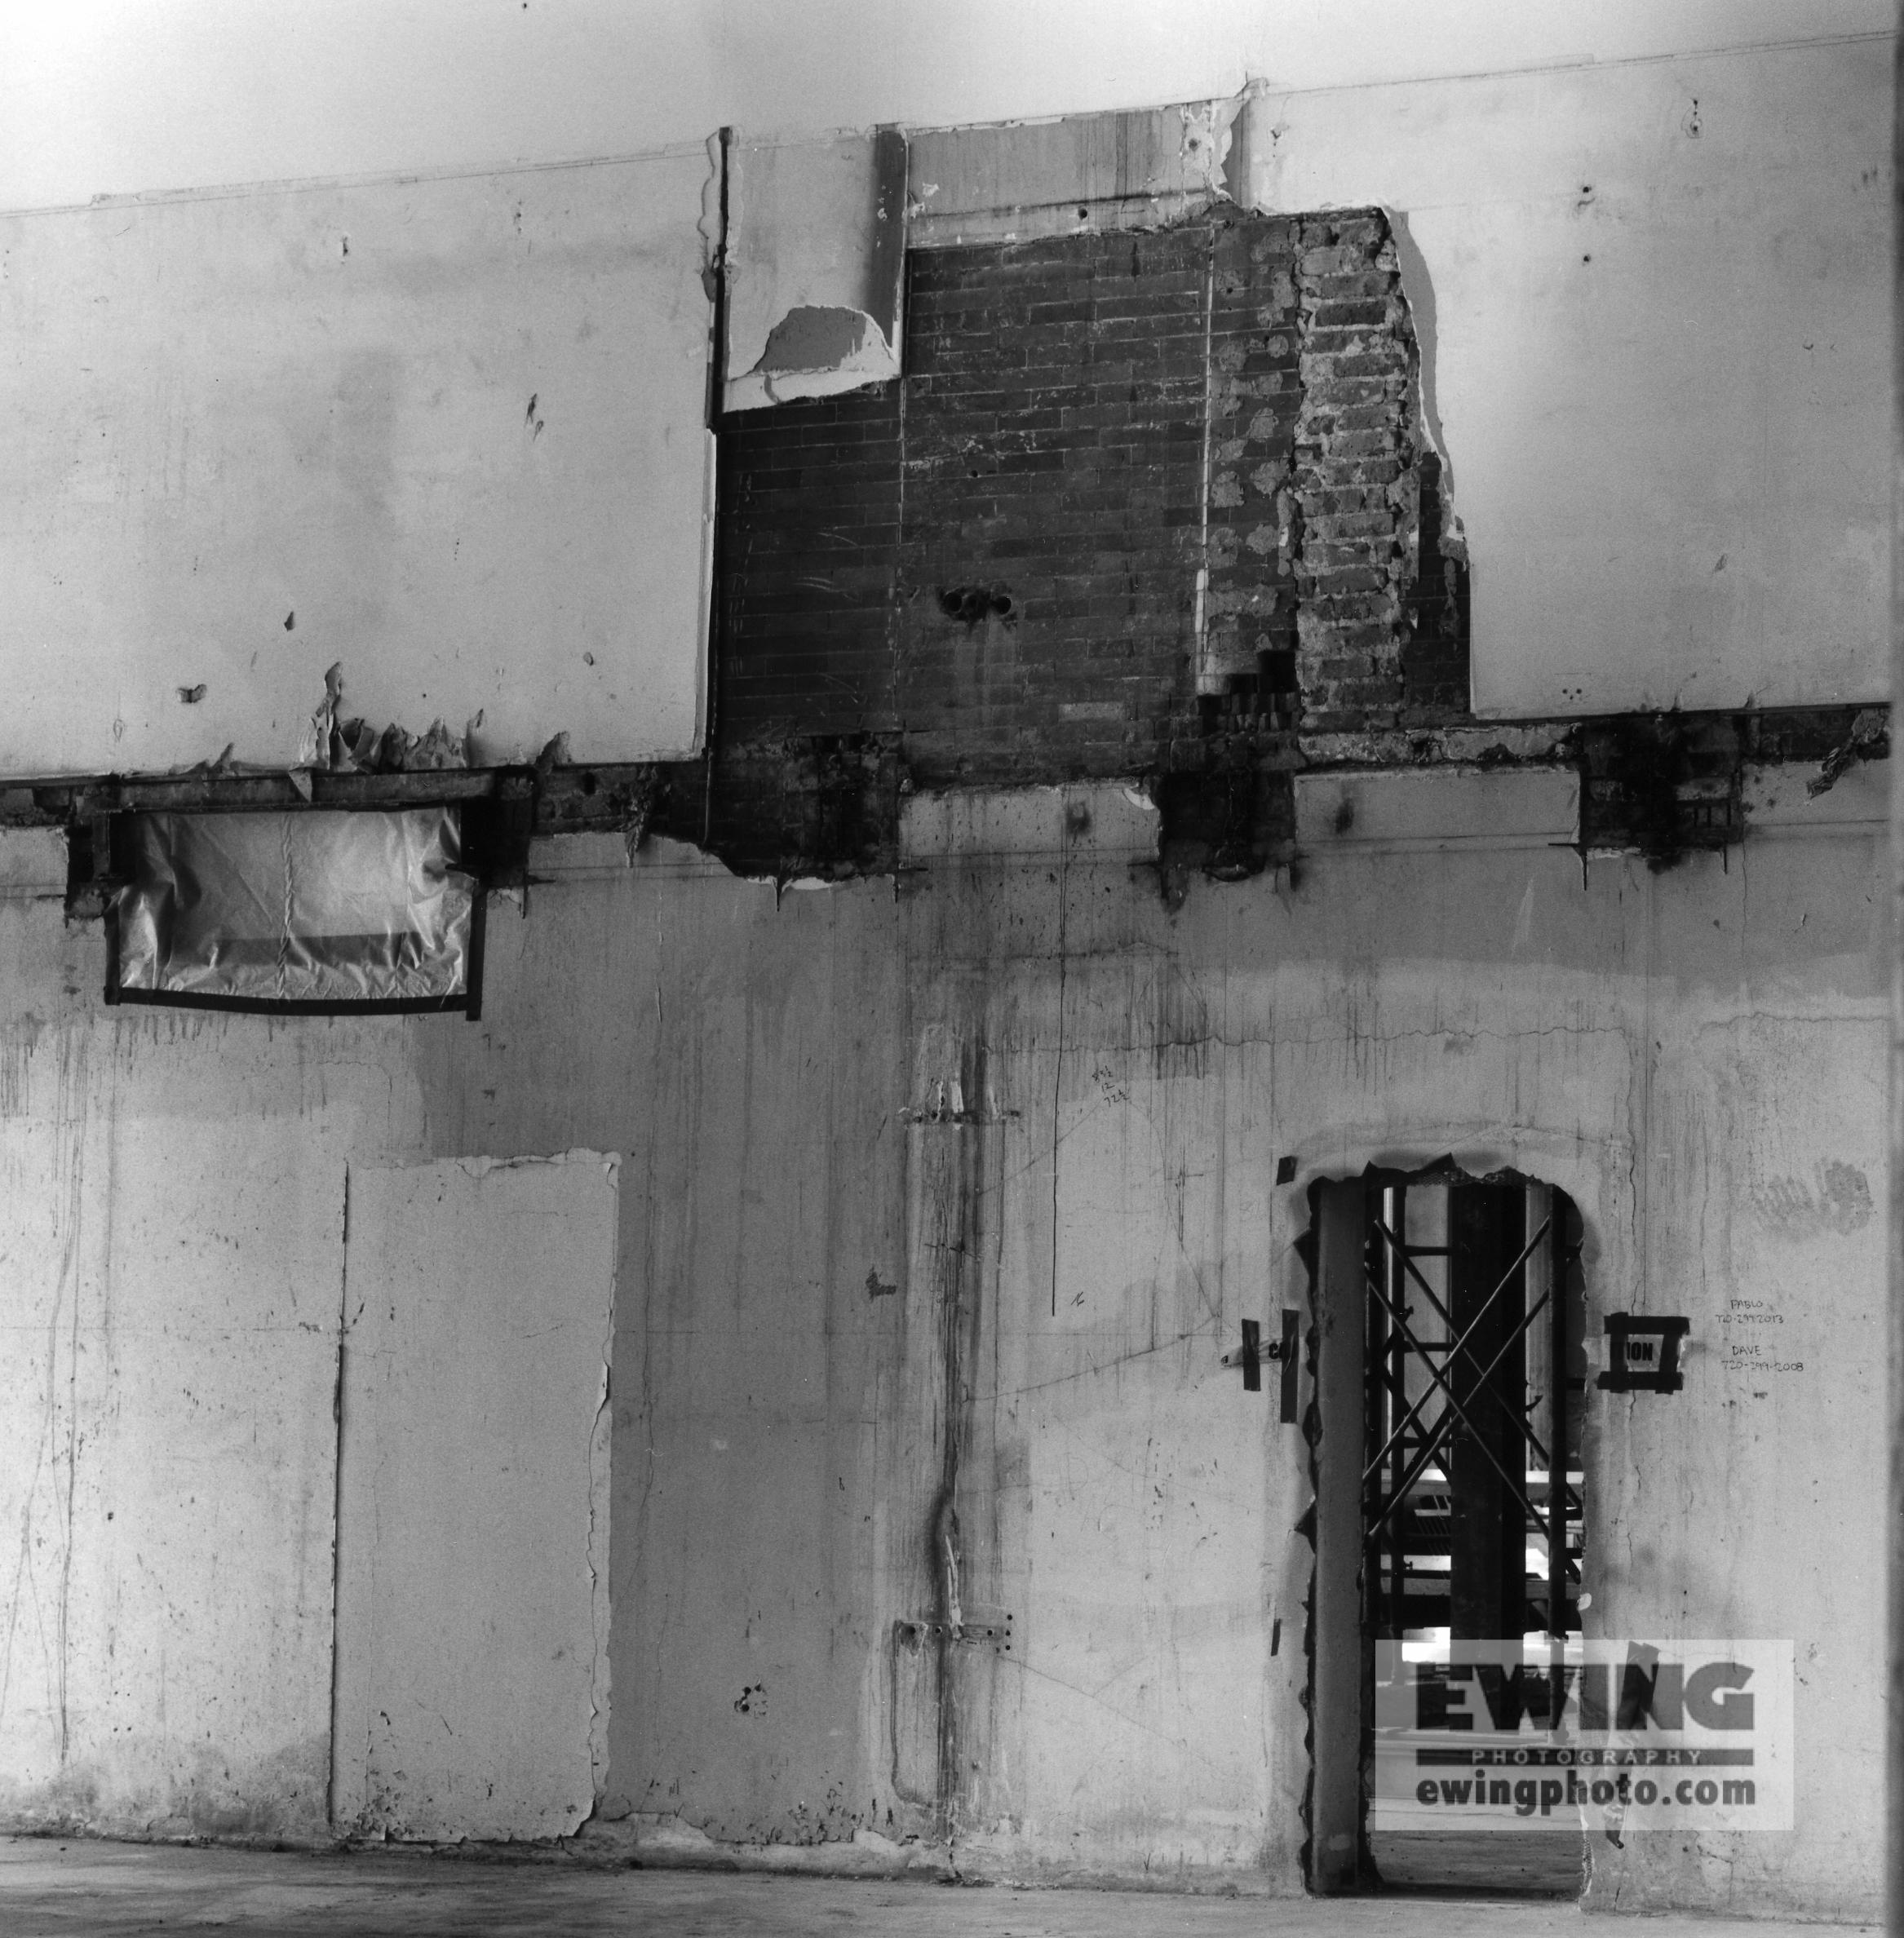 Demolition – Union Station, Denver, CO